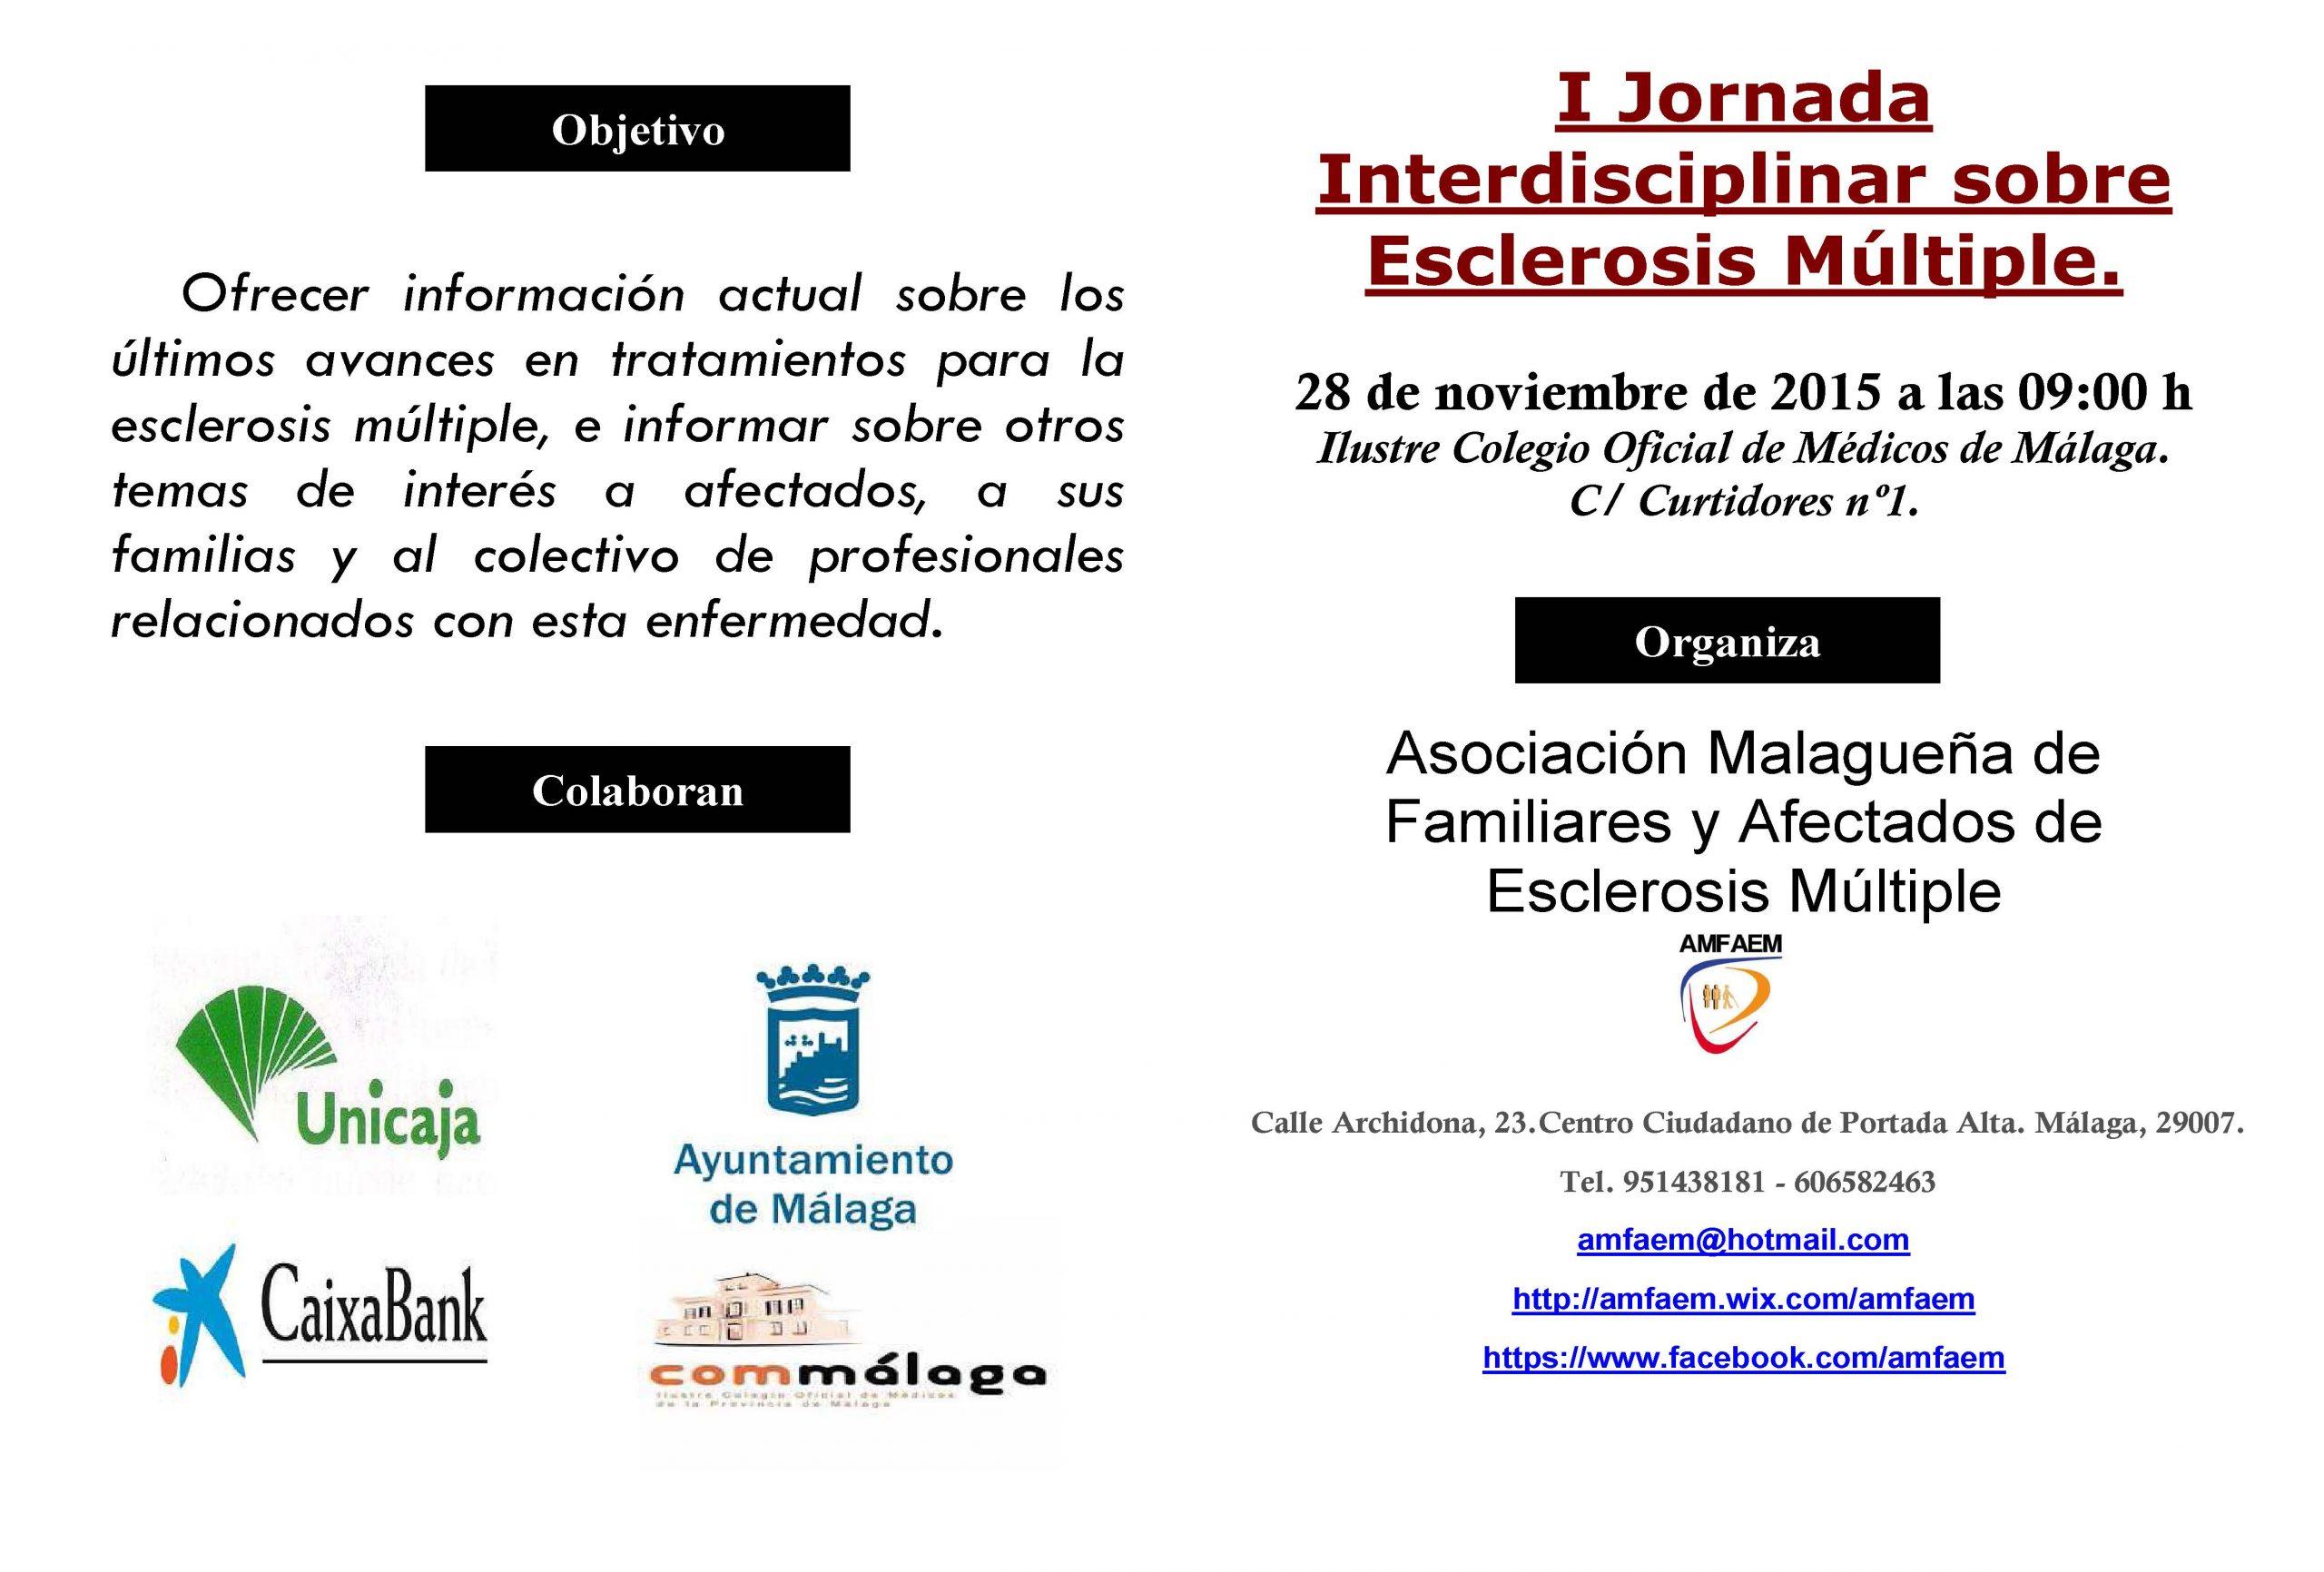 diptico jornadas medicas 2015 portada.jpg